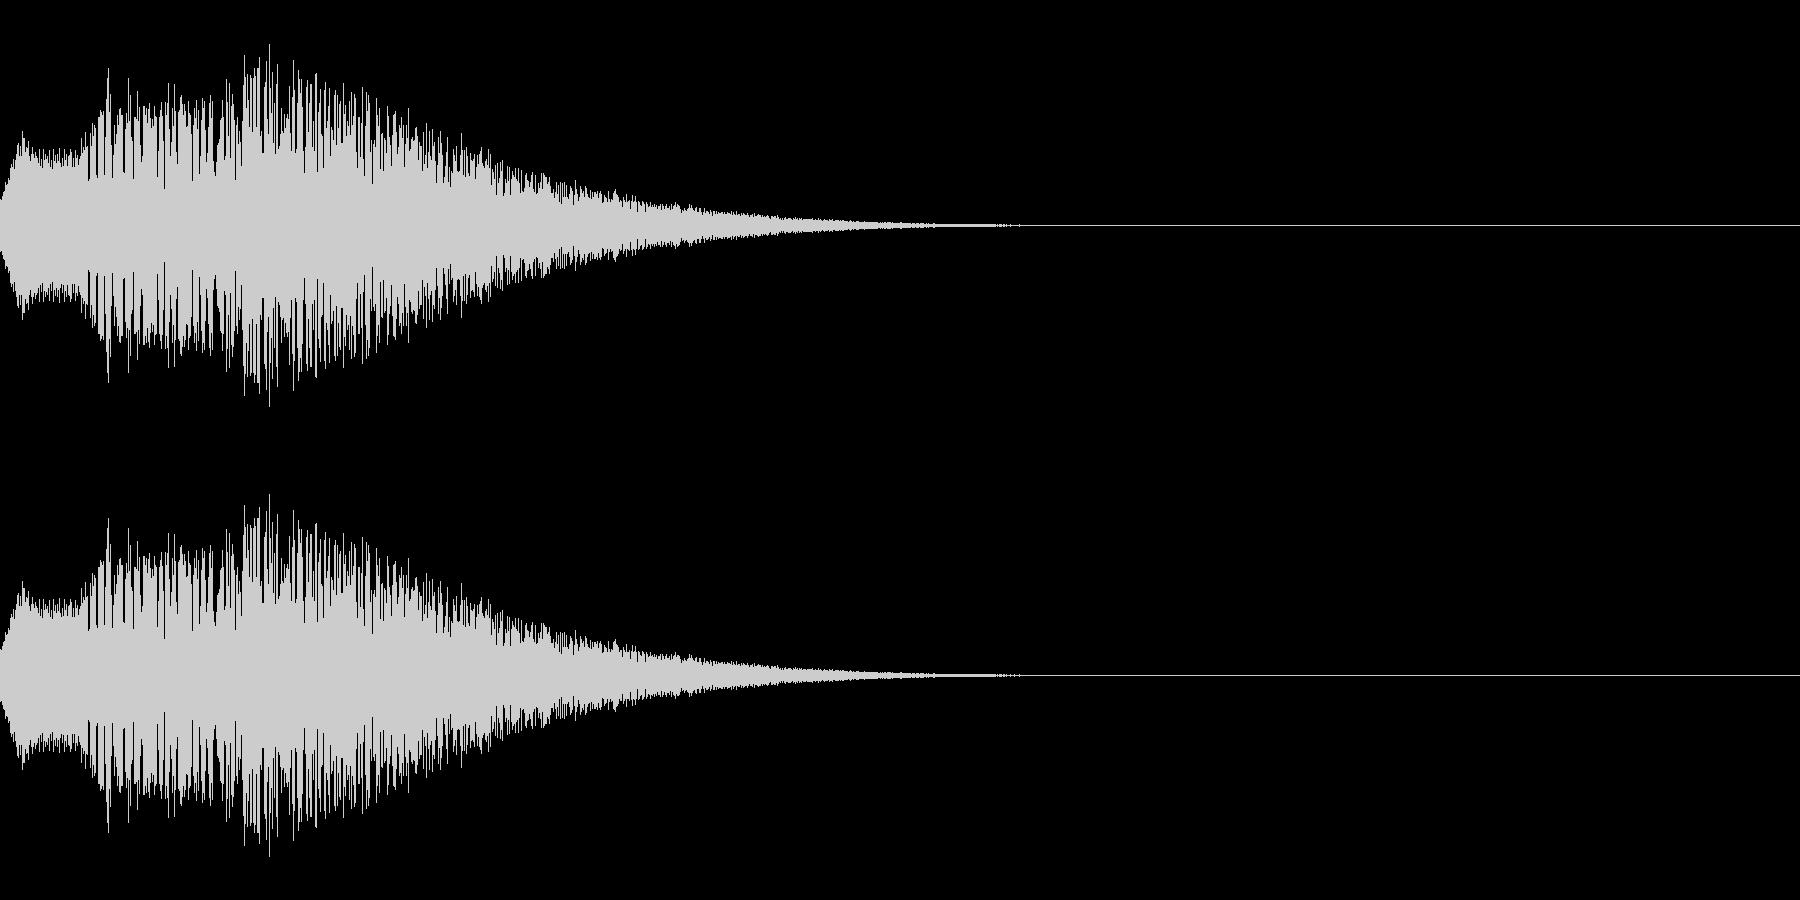 ポップな上昇系の効果音_その2の未再生の波形